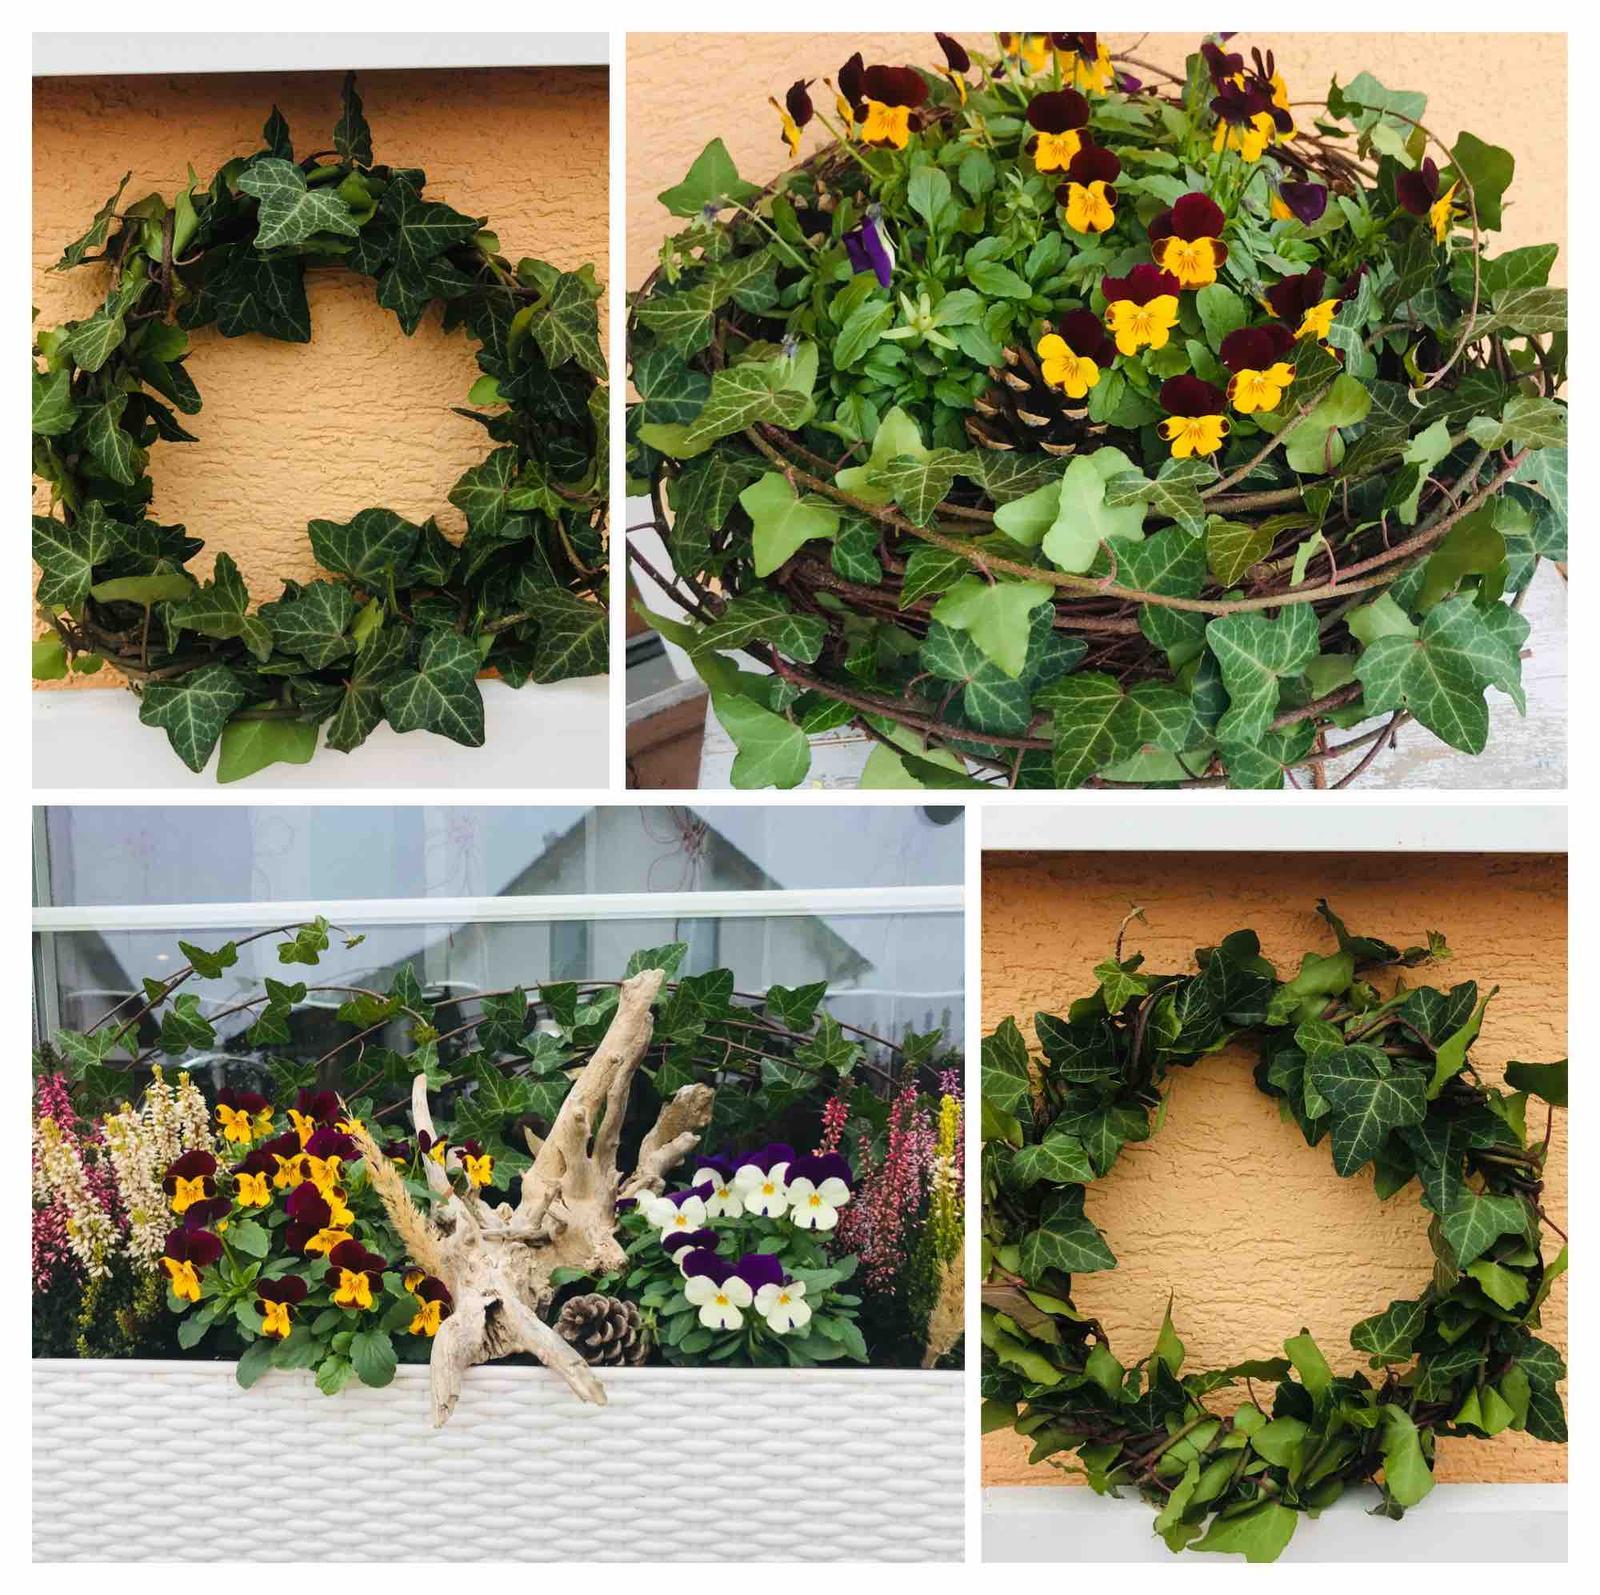 Naše barevná zahrada 🌸 - Pár větviček břečťanu a jakou udělá krásnou přirodní dekoraci 🍁